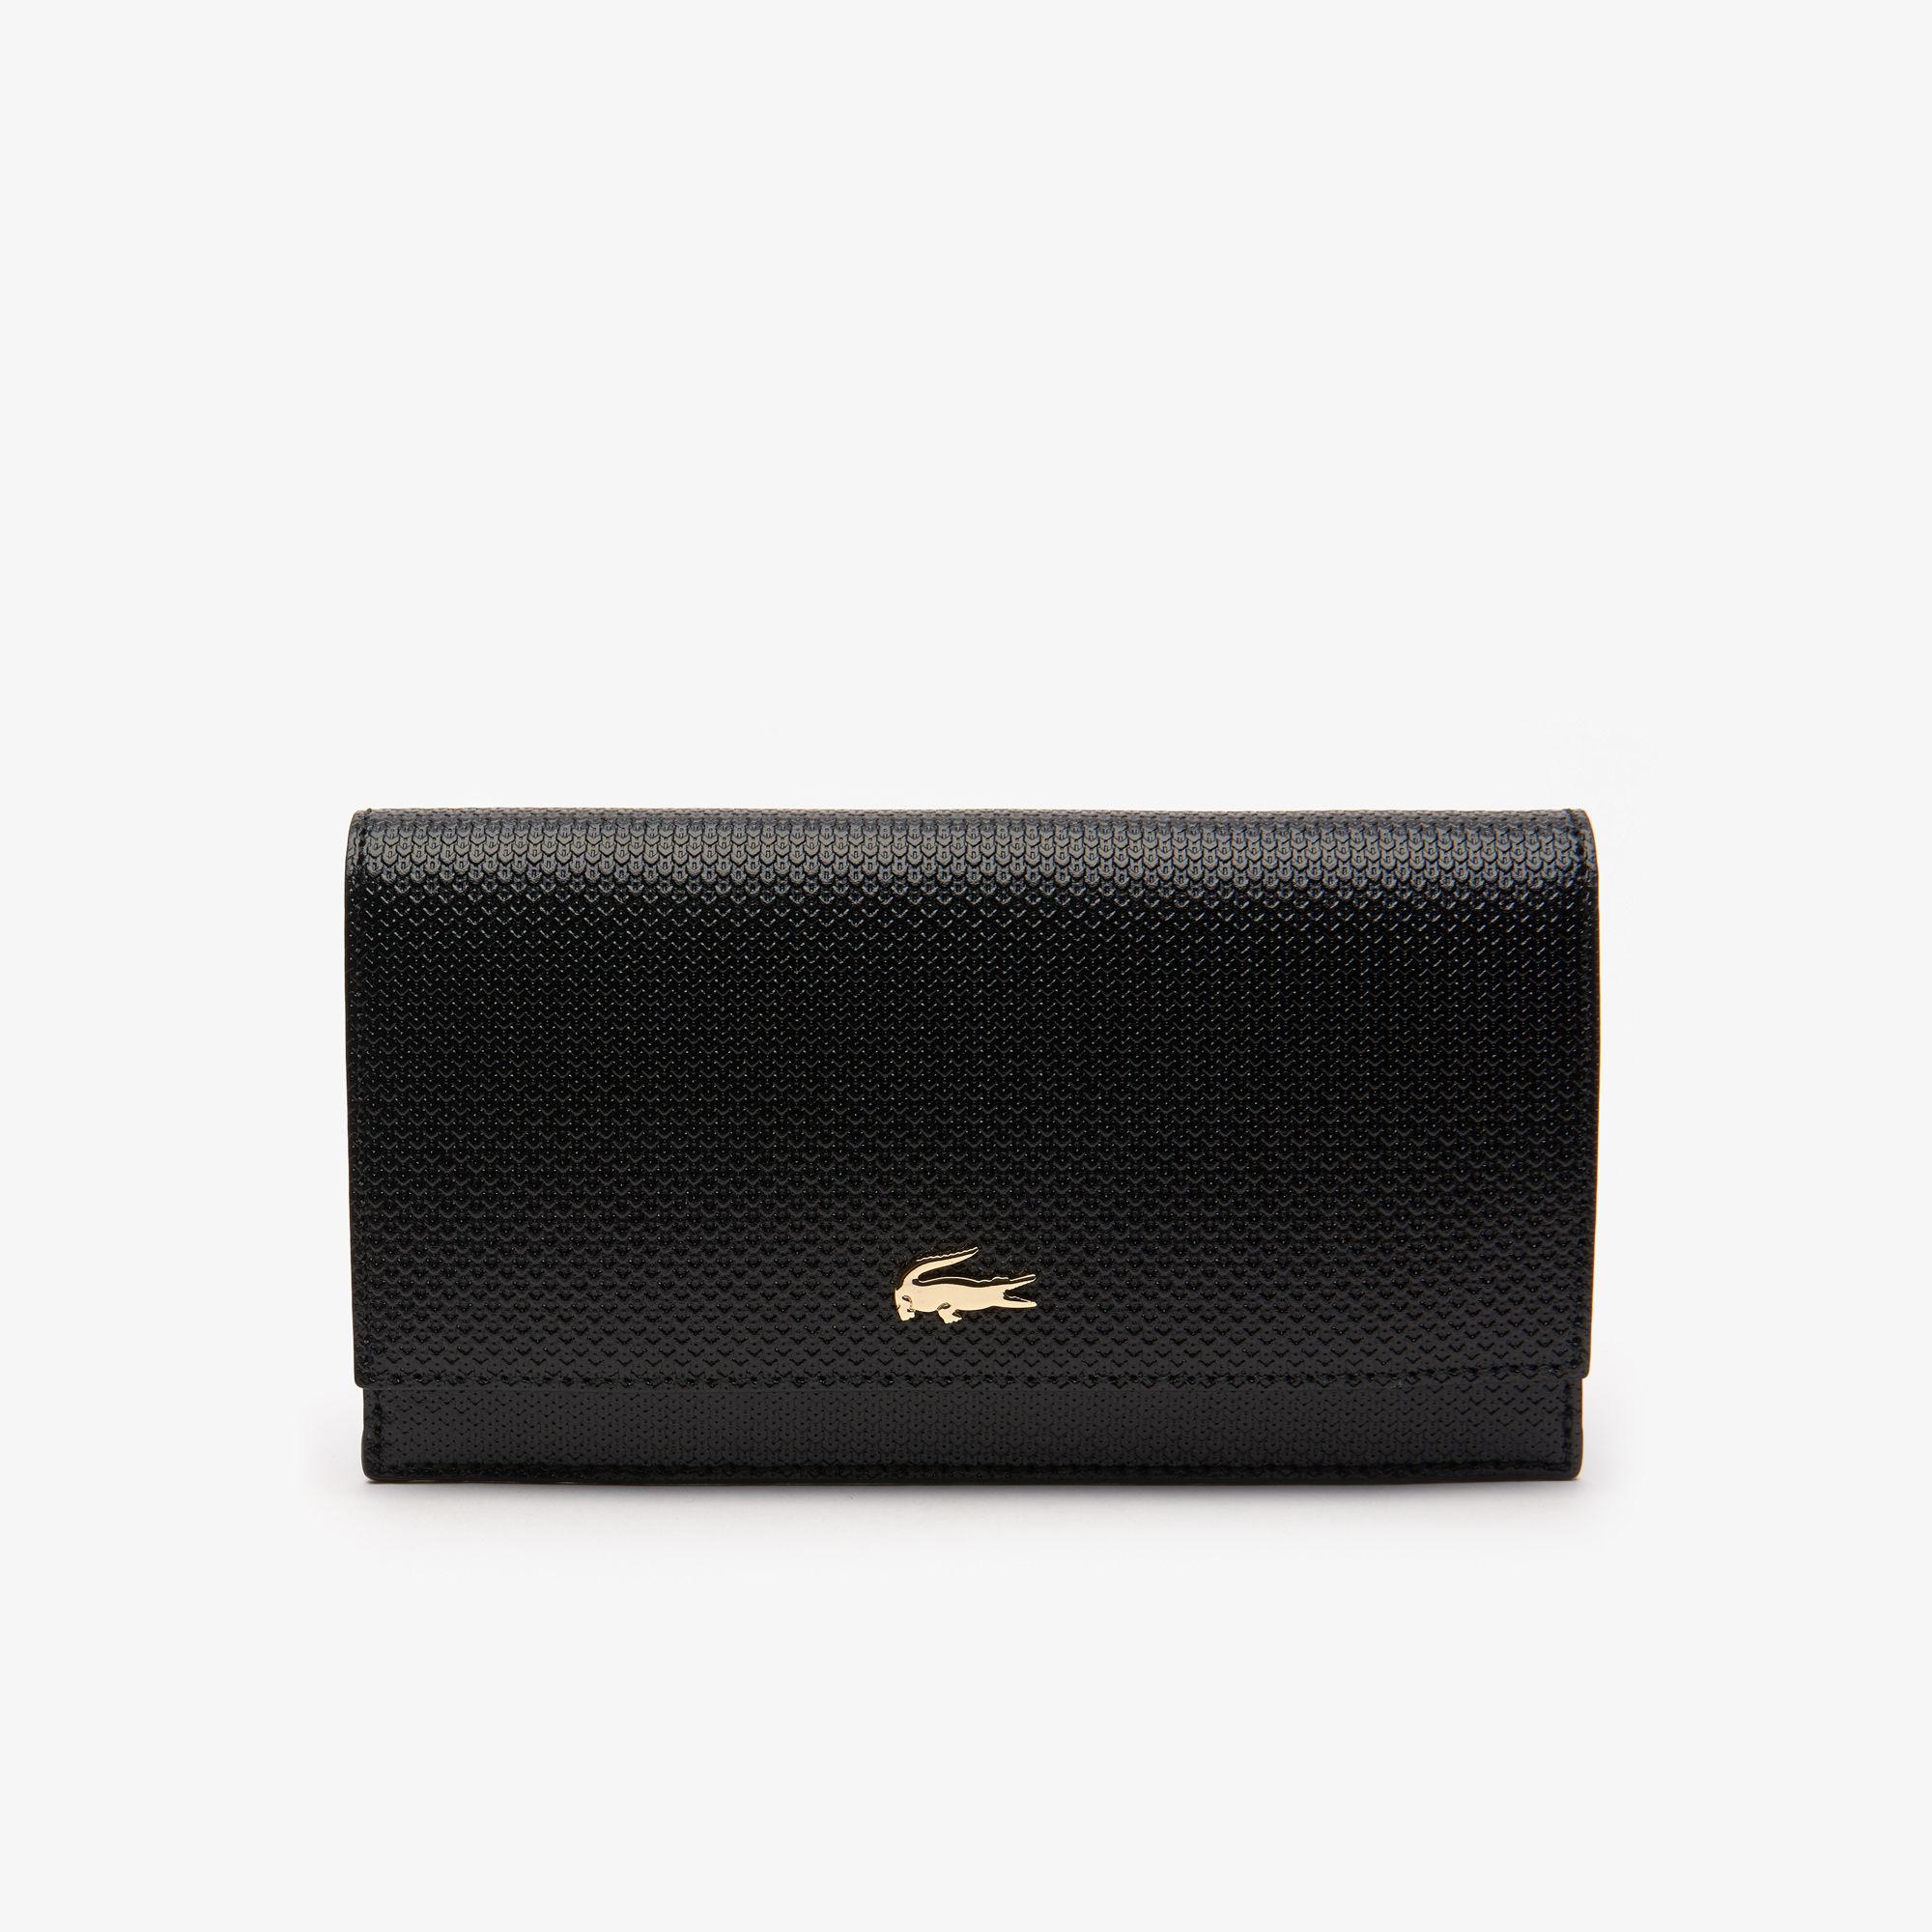 Кошелек Lacoste SLG Woman Premium фото